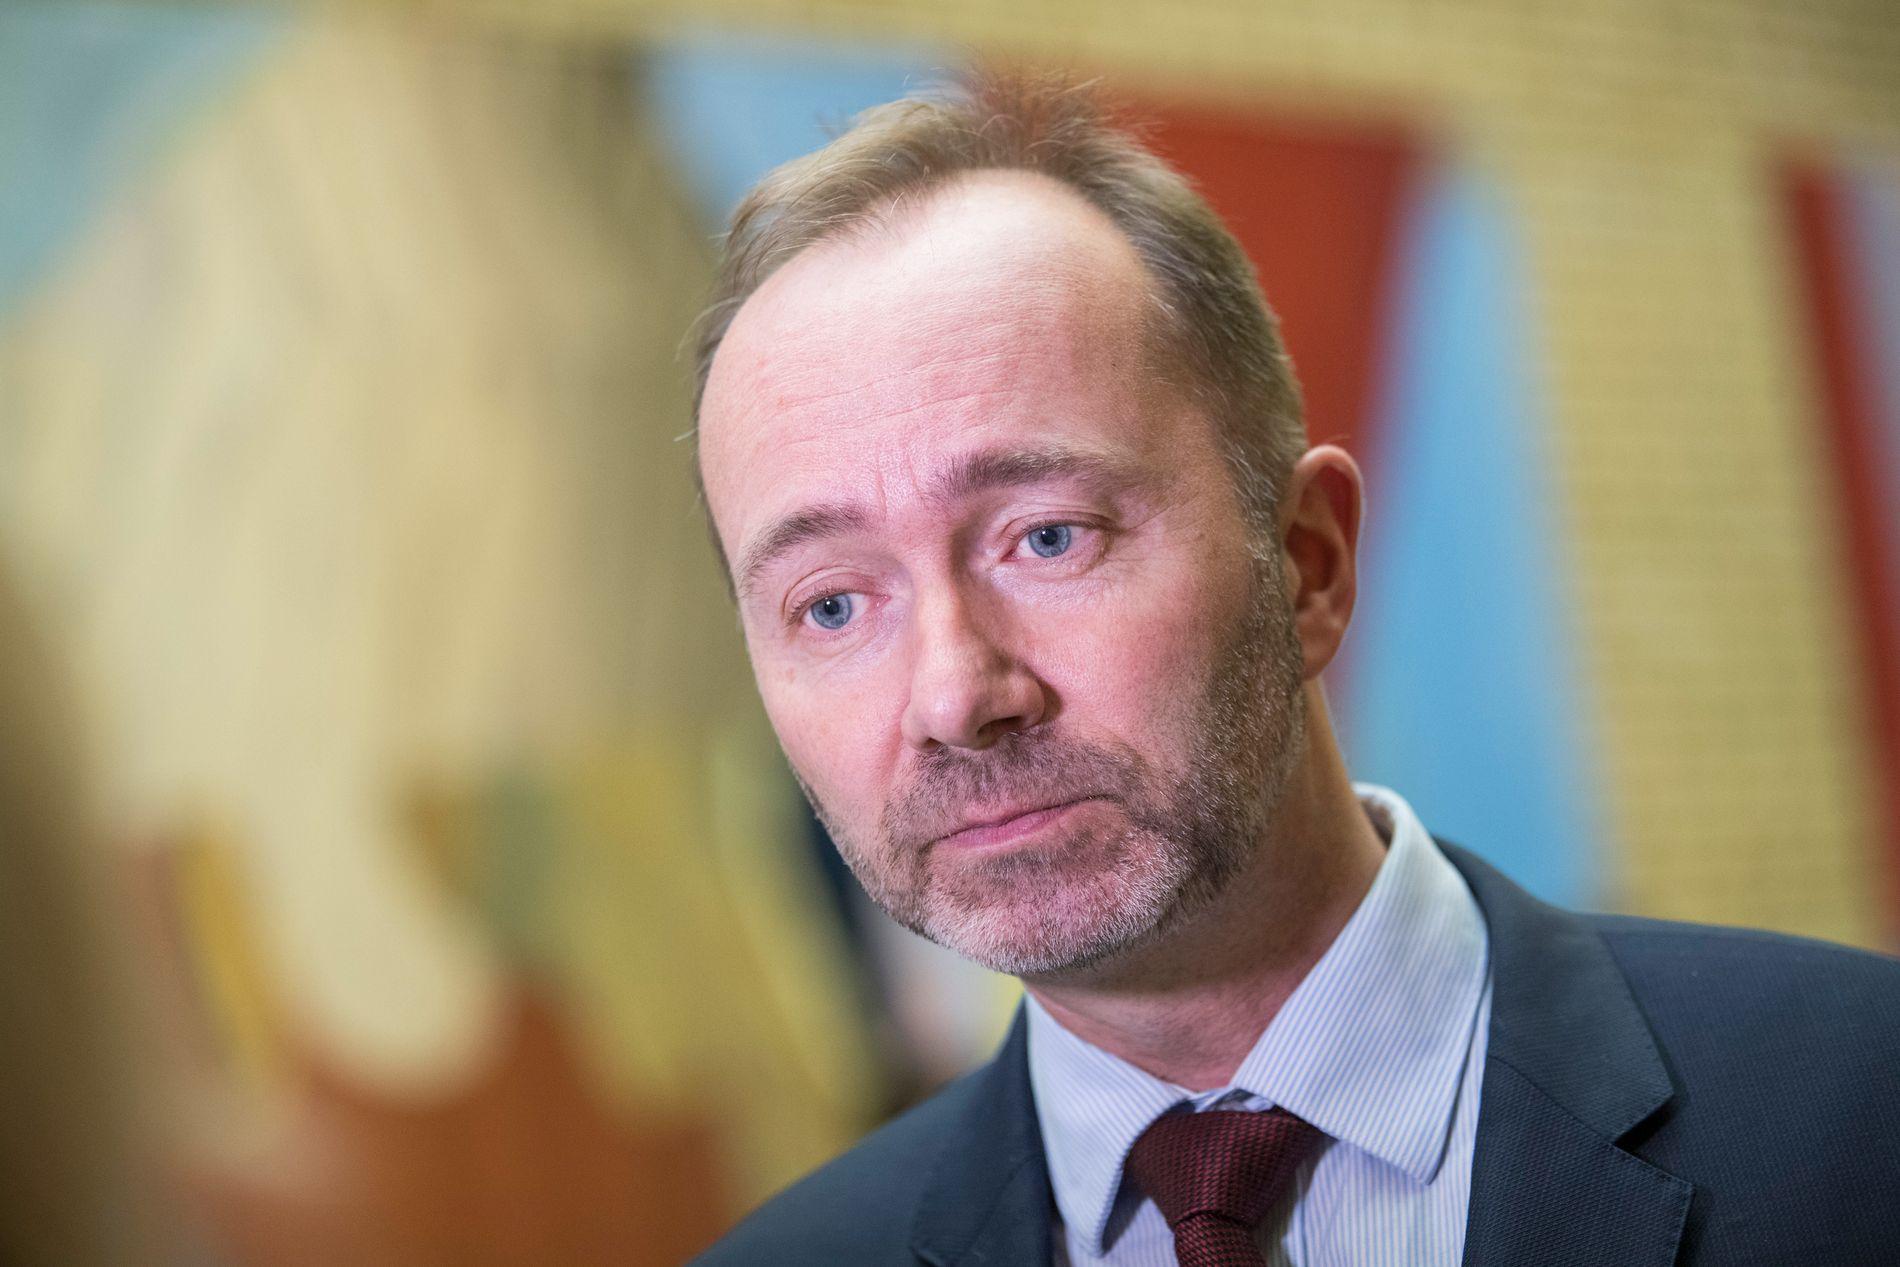 SENDTE MELDINGER: Arbeiderpartiets nestleder Trond Giske, her fotografert i Stortingets vandrehall.